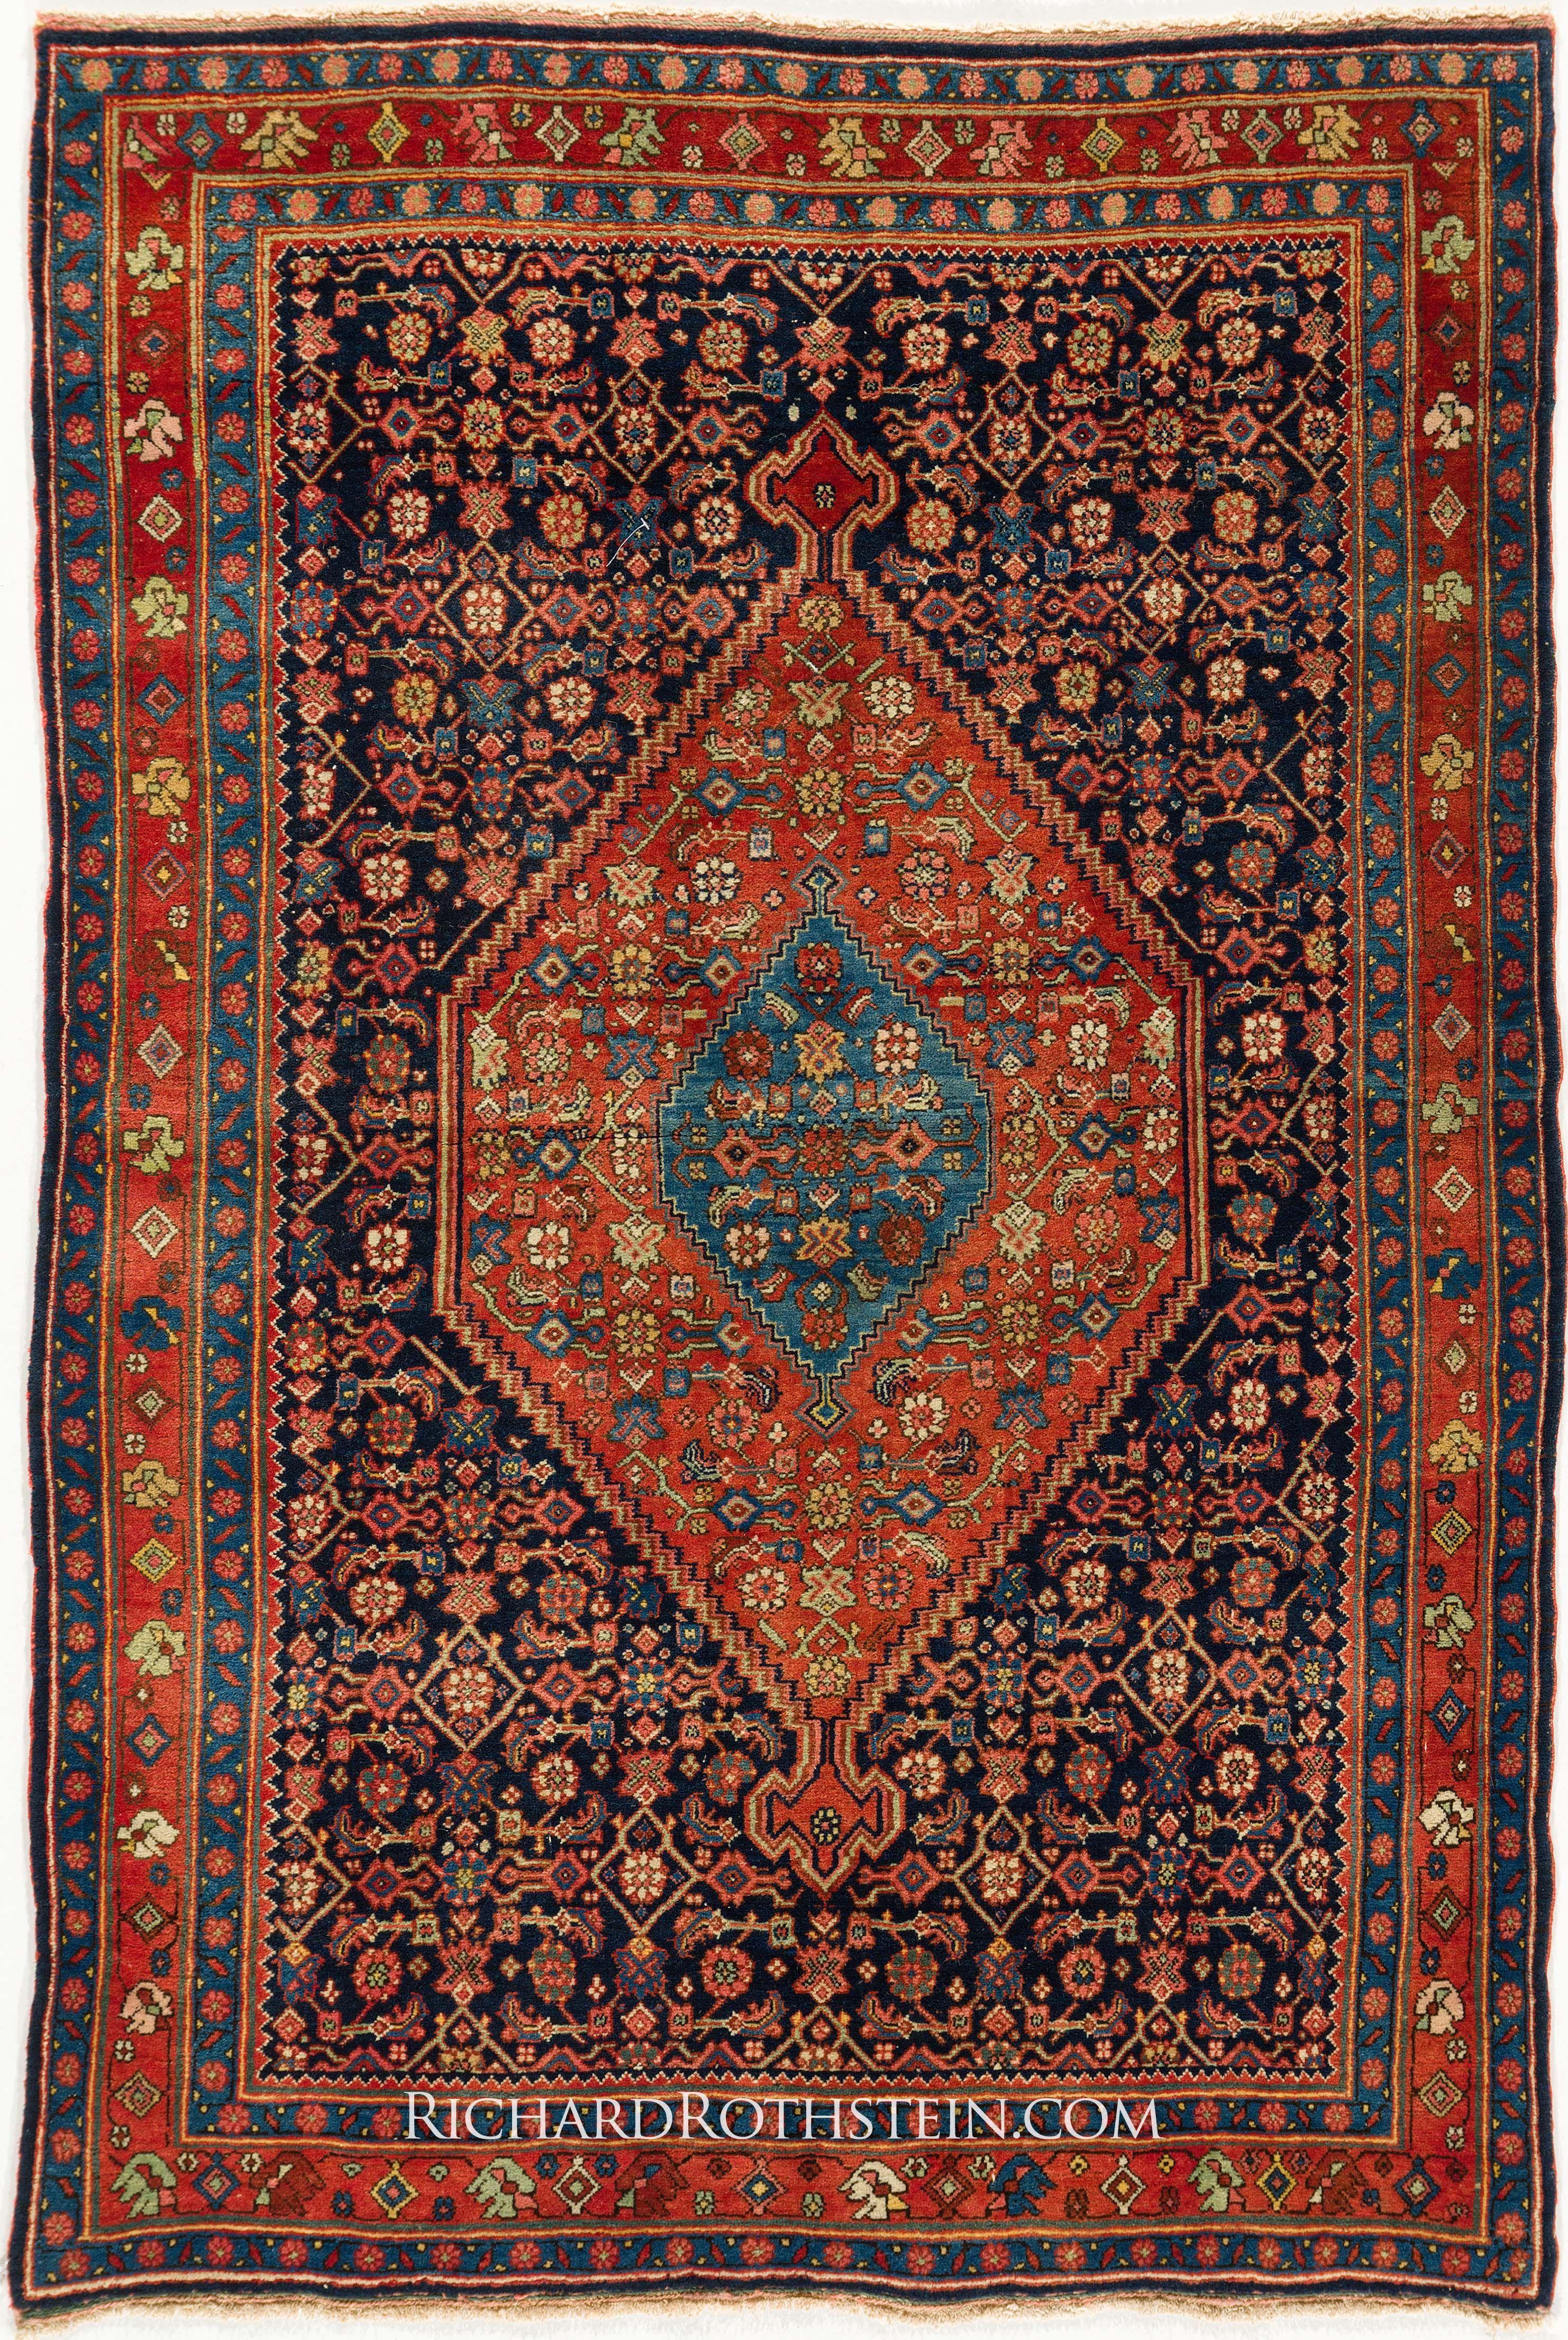 Antique Persian Rug Antique Bidjar Oriental Rug Antrr809 Antique Bidjar Oriental Rug Vintage Oriental Rugs Antique Persian Carpet Antique Oriental Rugs